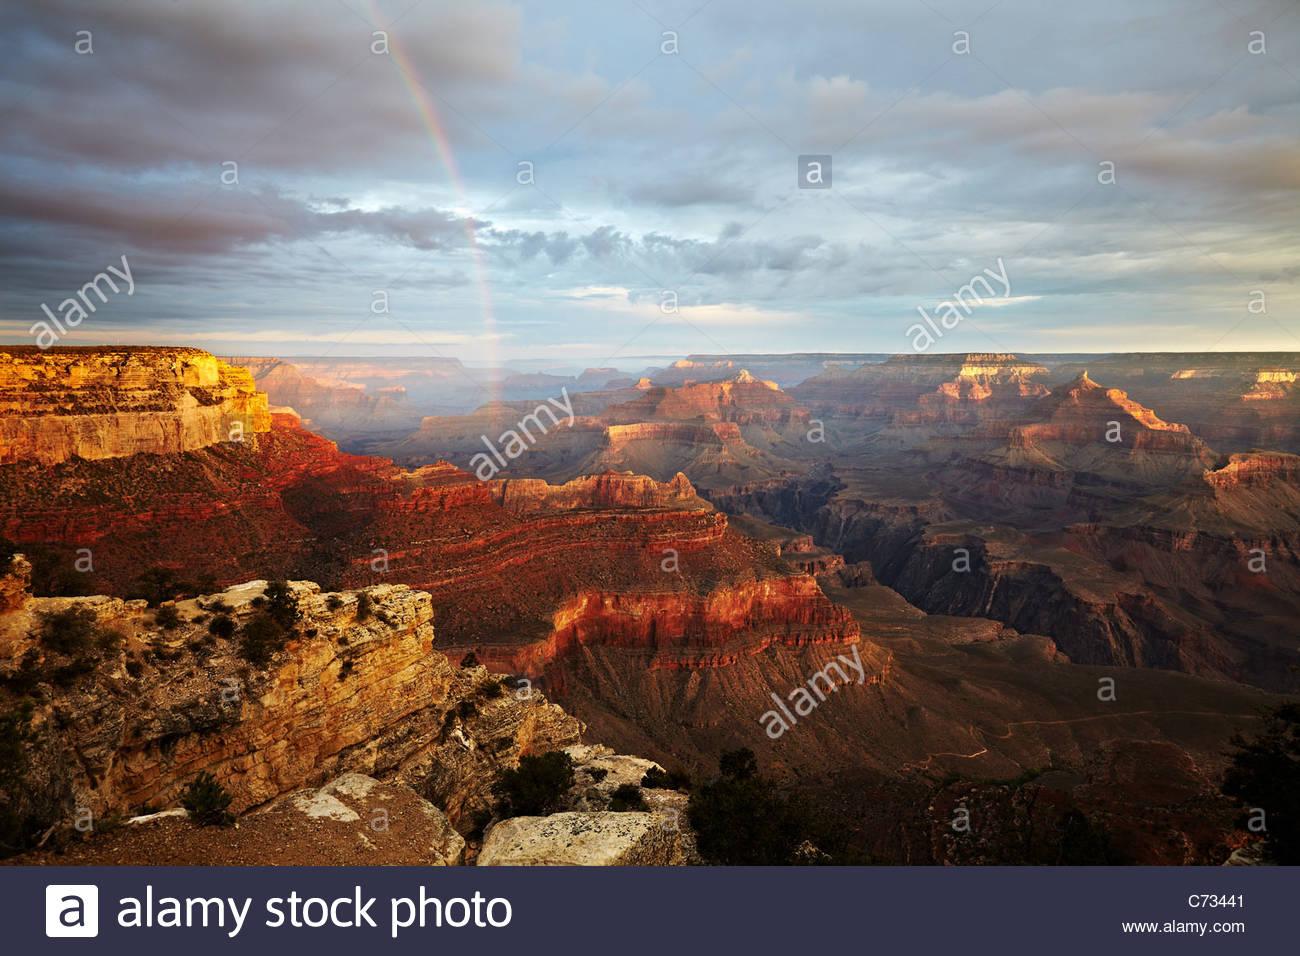 Il sorgere del sole e la luce del mattino e rainbow attraverso il Grand Canyon, Arizona, Stati Uniti d'America Immagini Stock